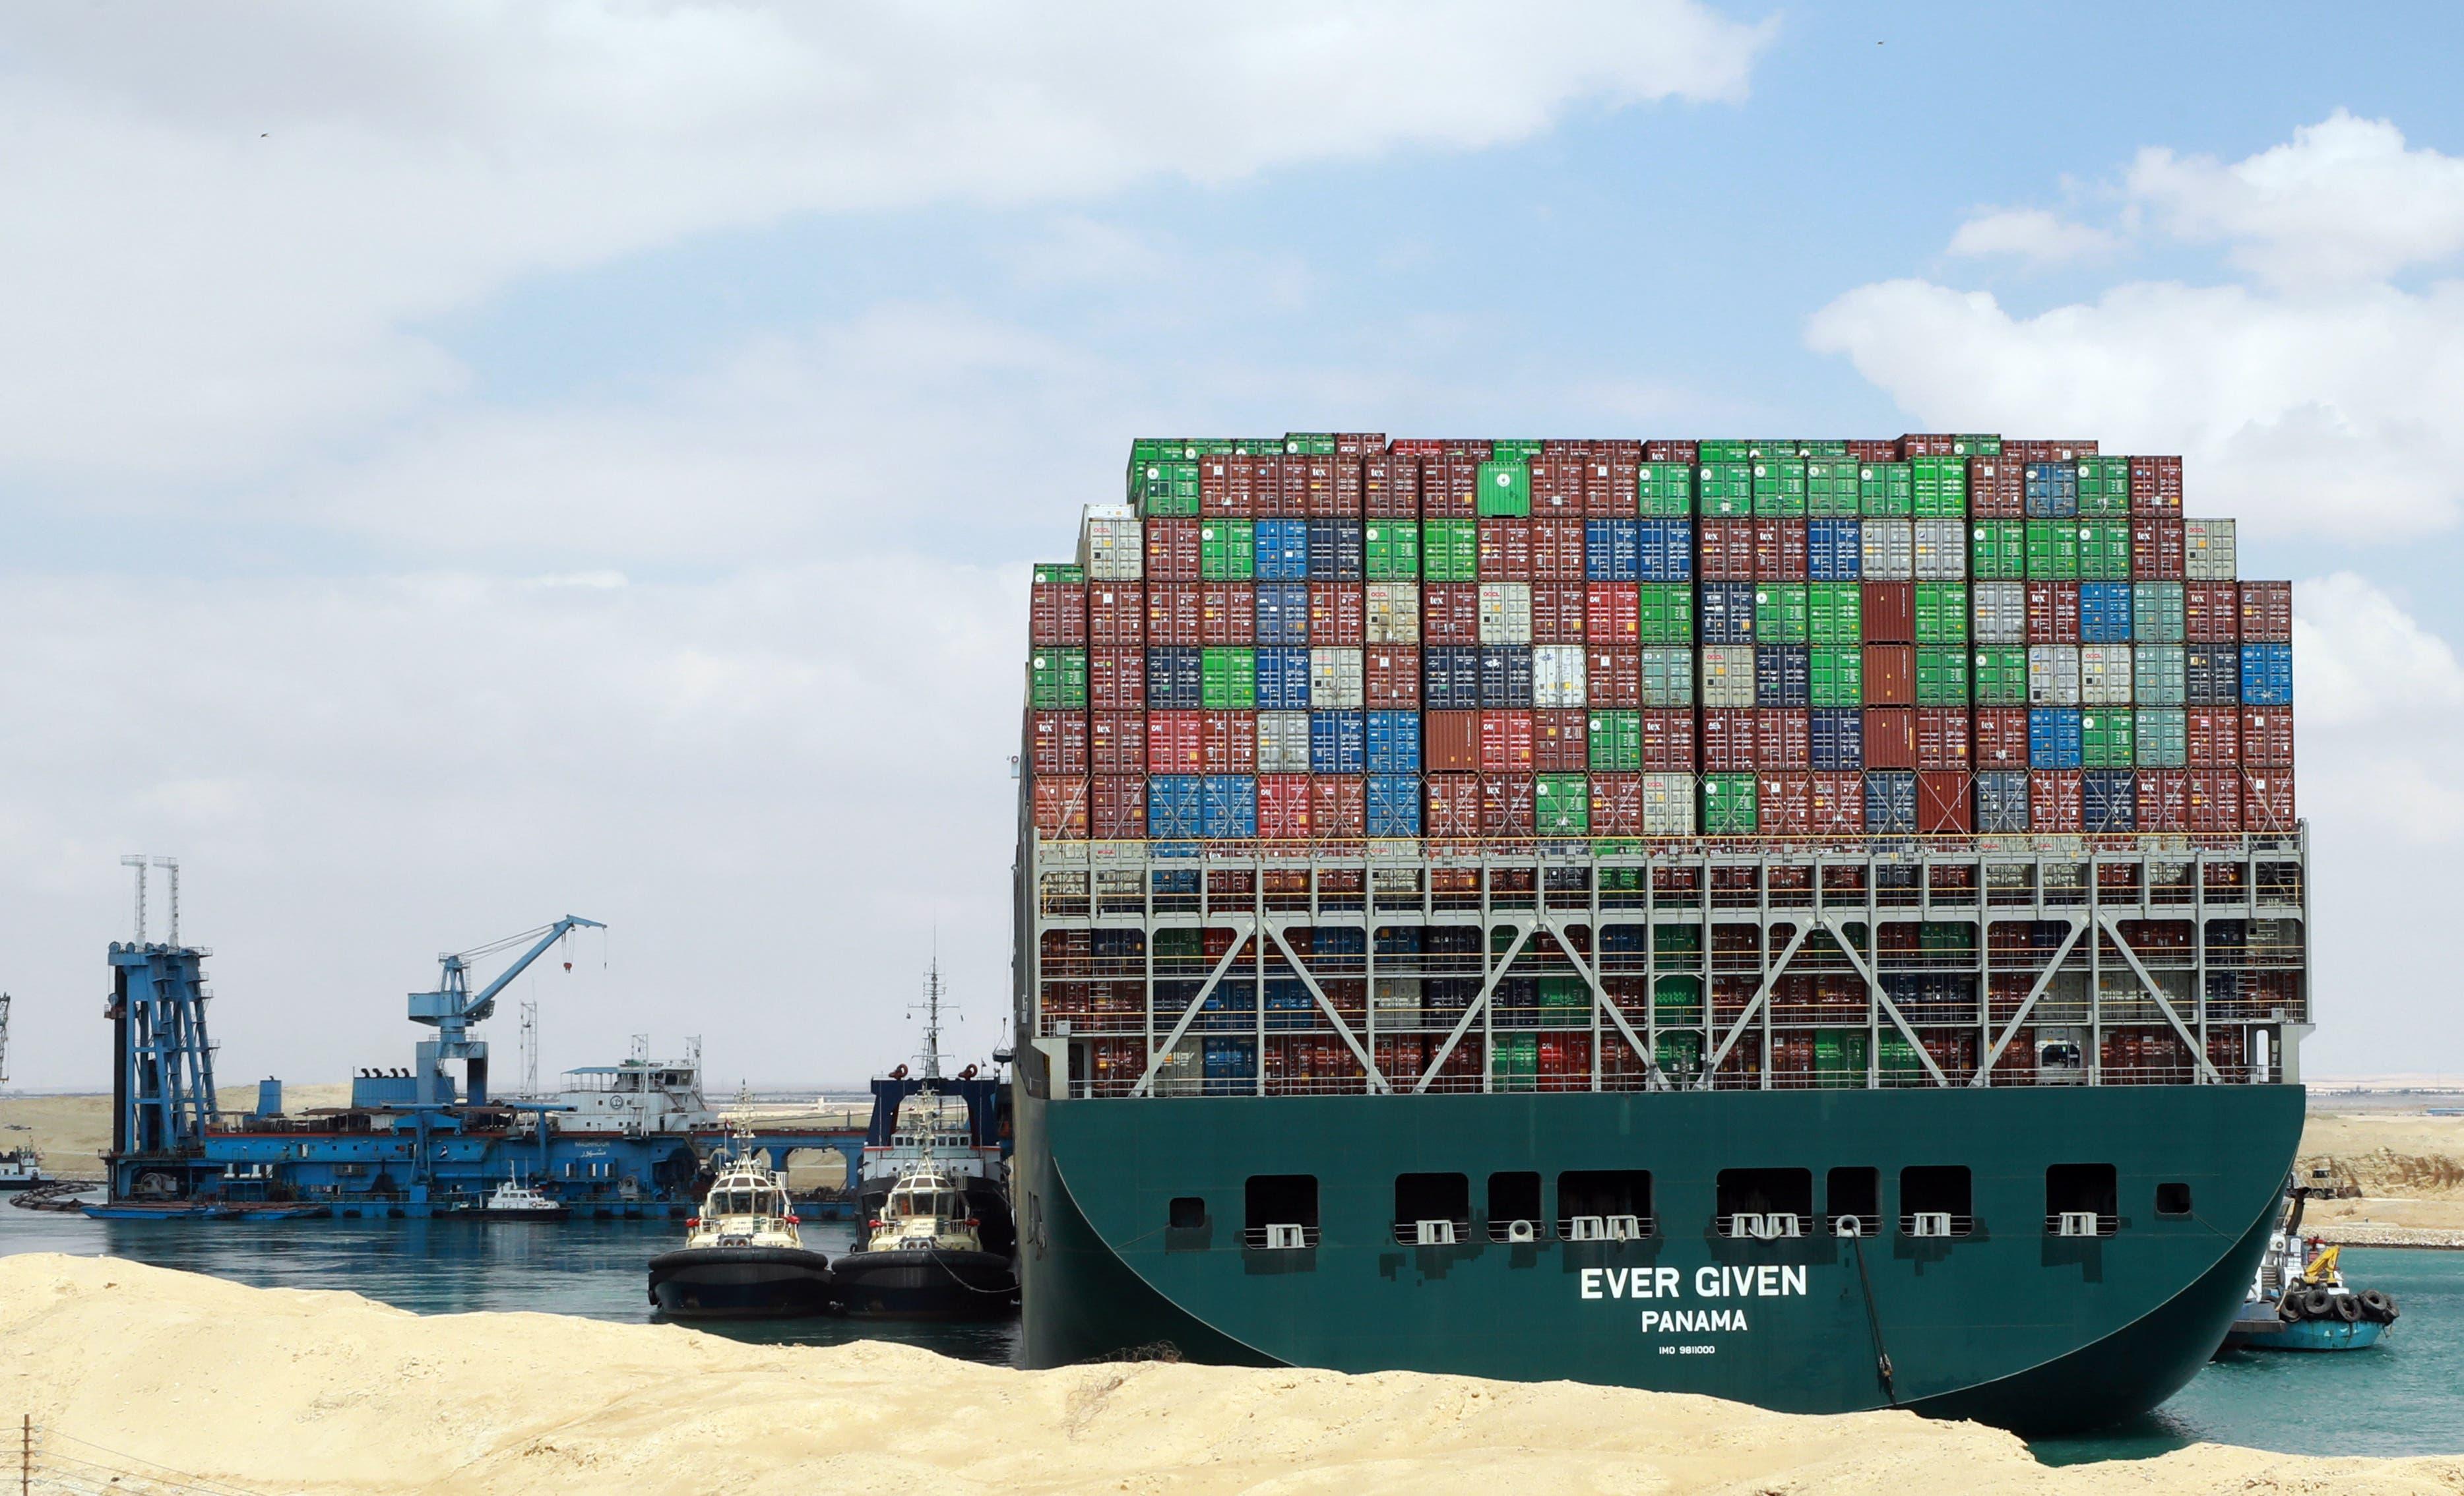 Beeindruckende Bilder aus Ägypten. Der Frachter blockiert aktuell eine der wichtigsten Handelsrouten der Welt.